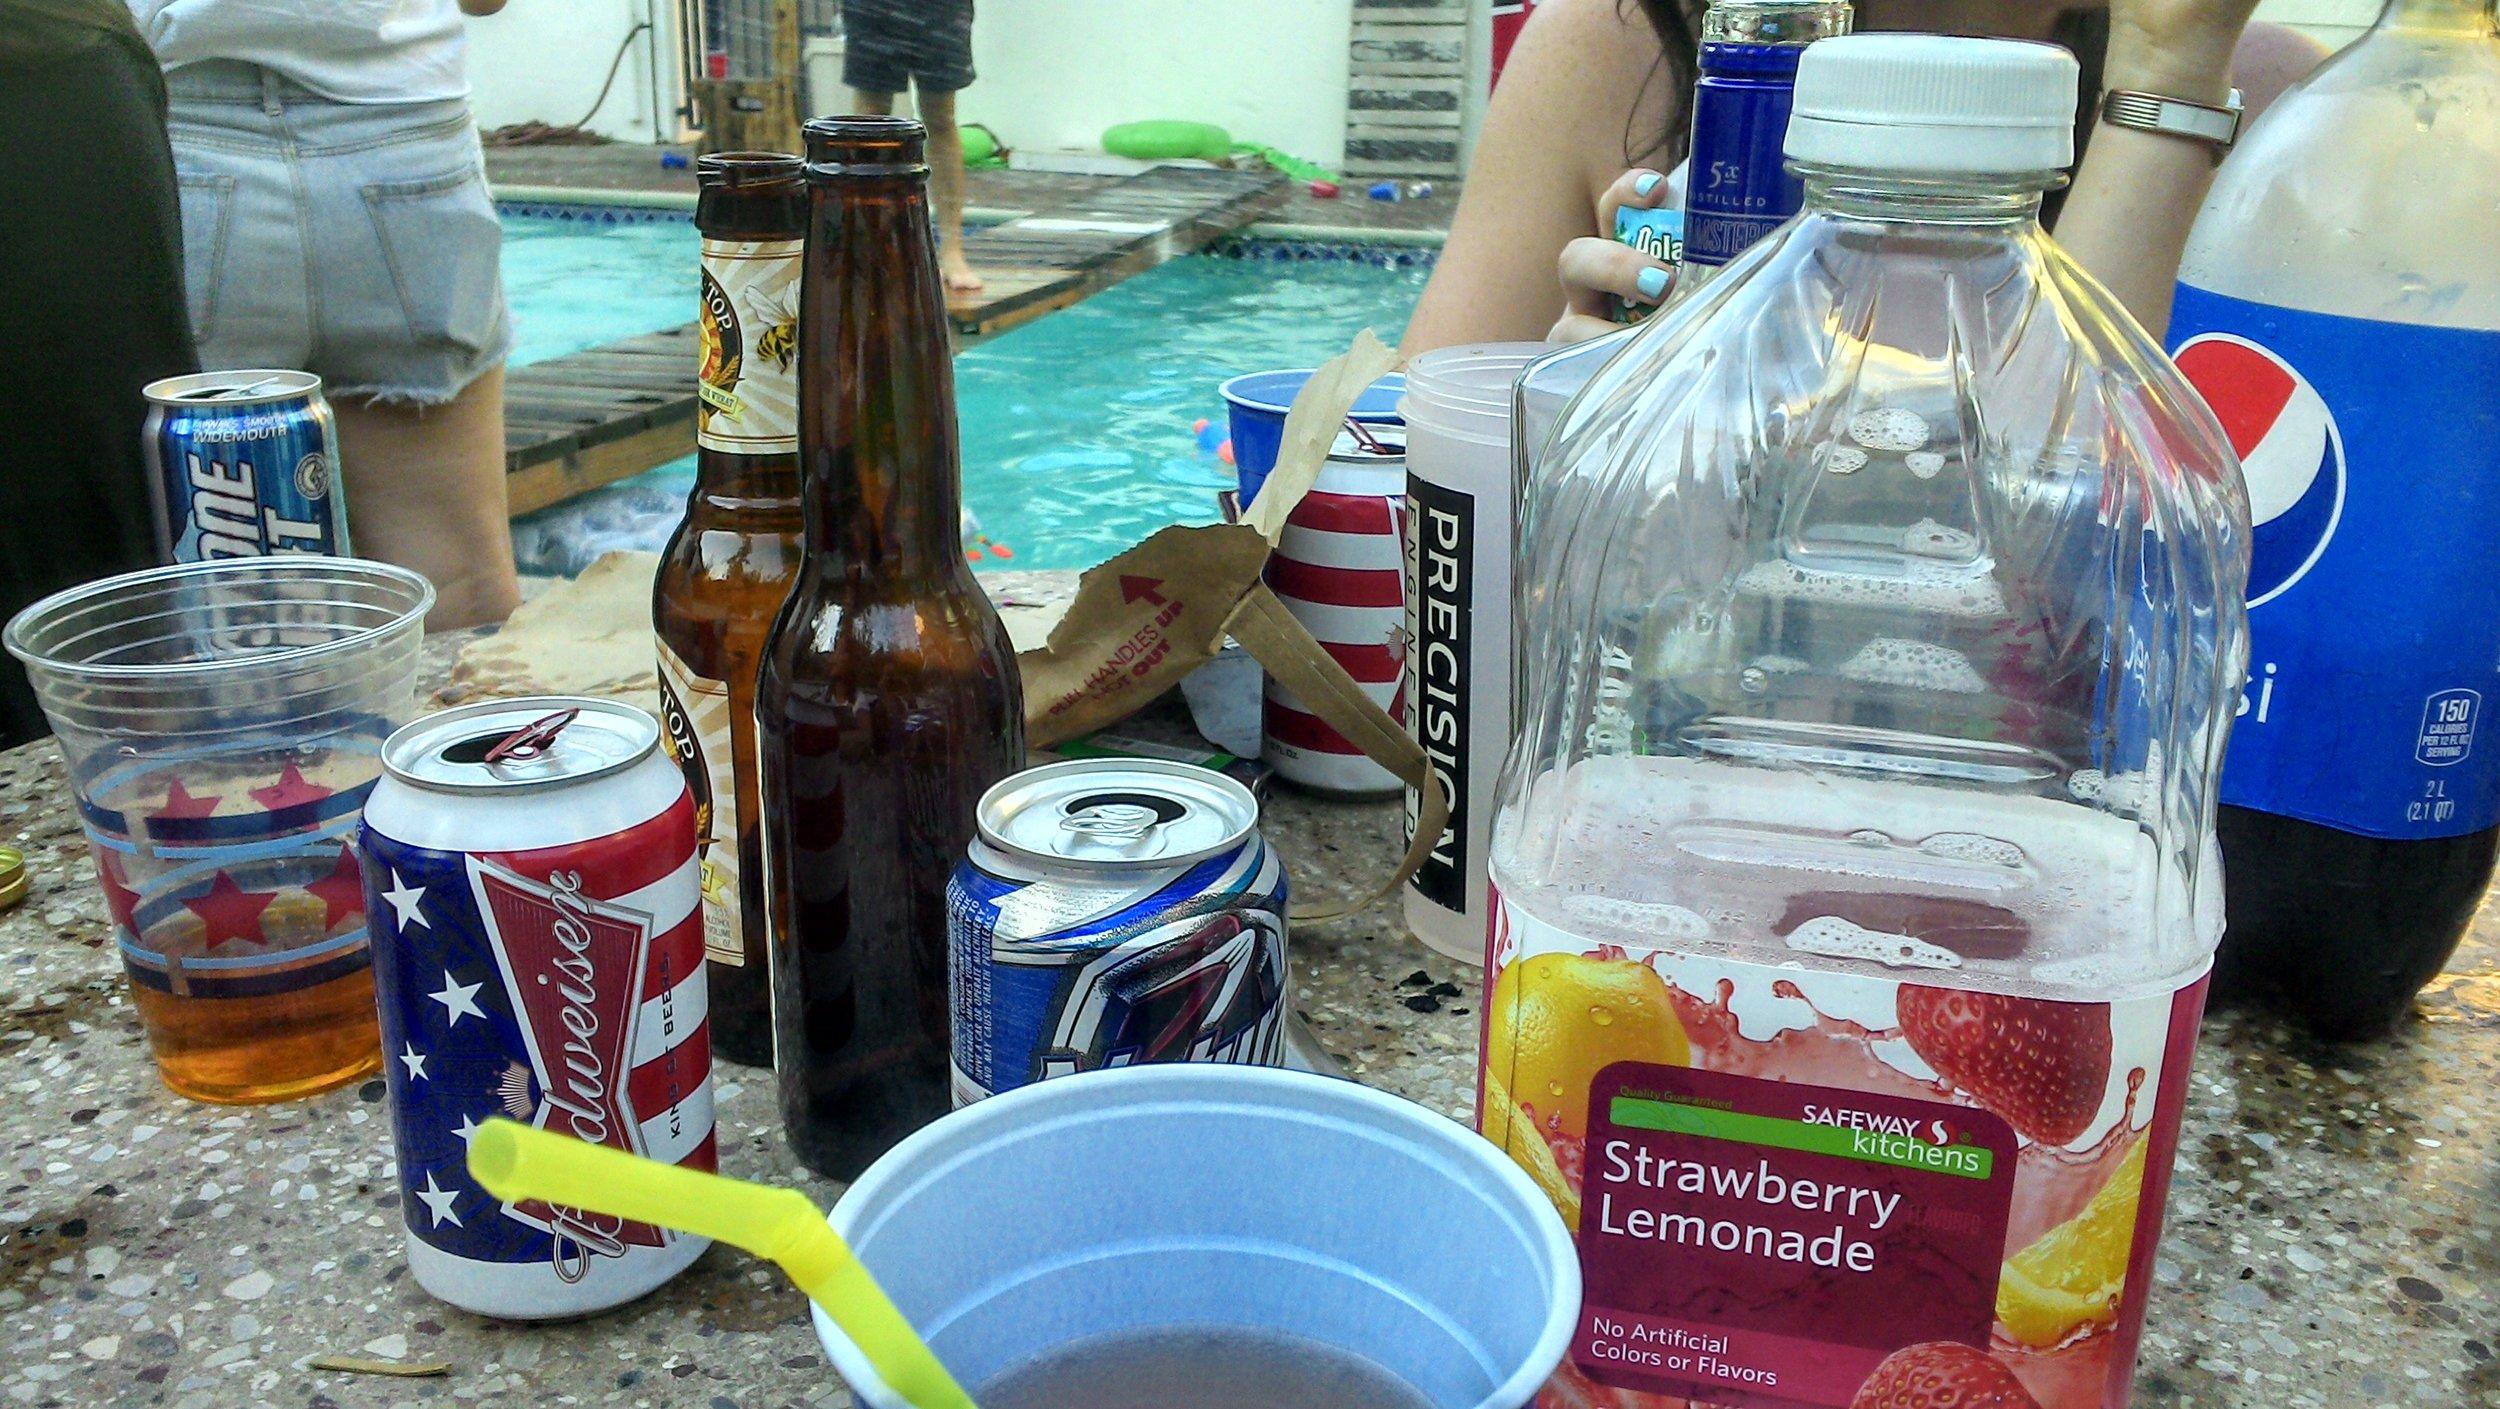 Frat house drinks